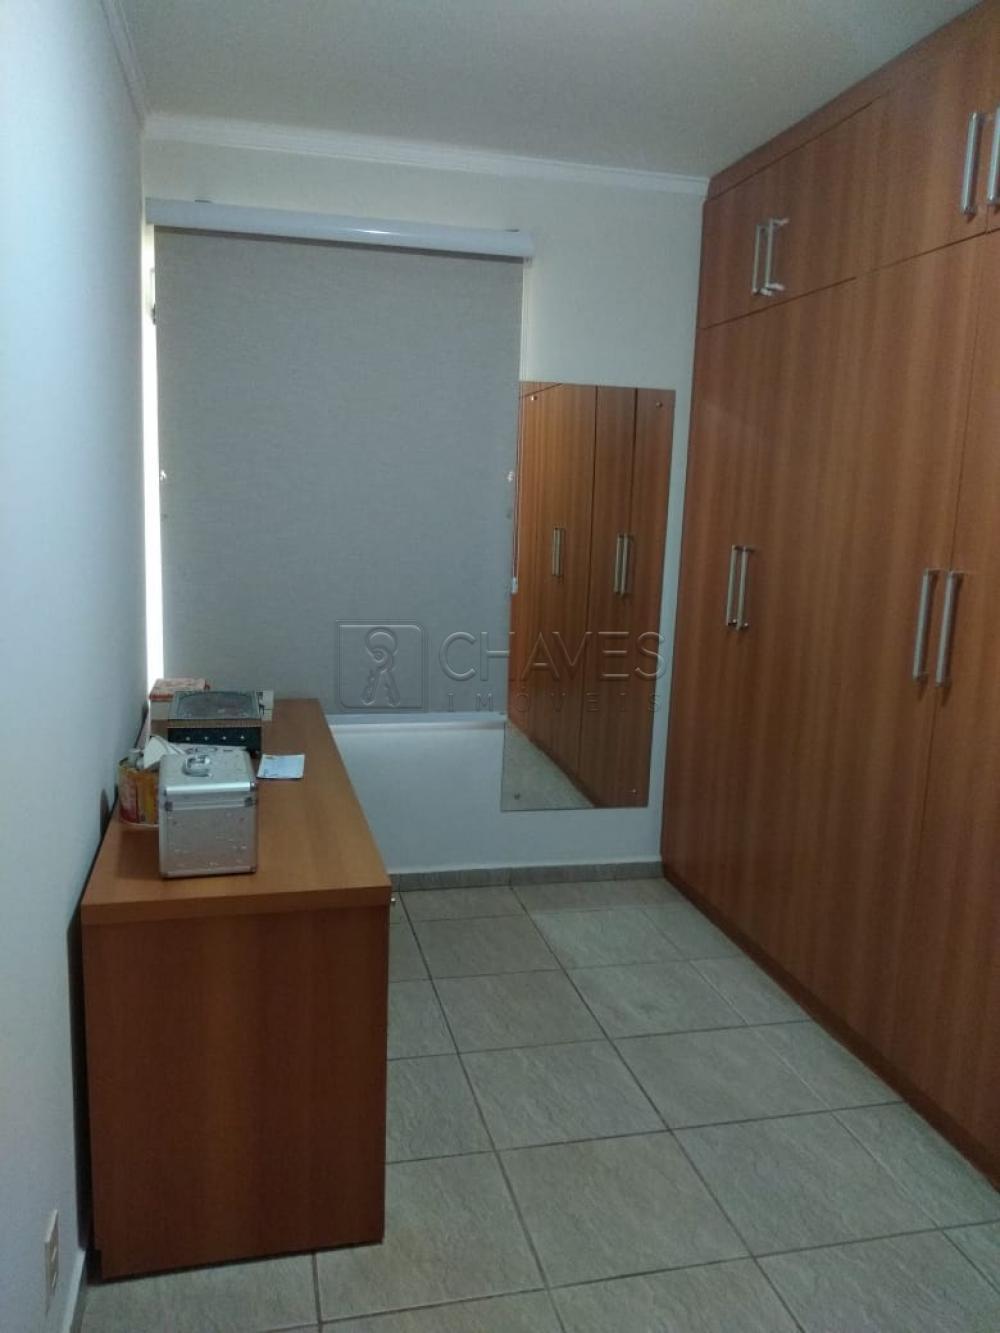 Comprar Casa / Condomínio em Ribeirão Preto apenas R$ 700.000,00 - Foto 29